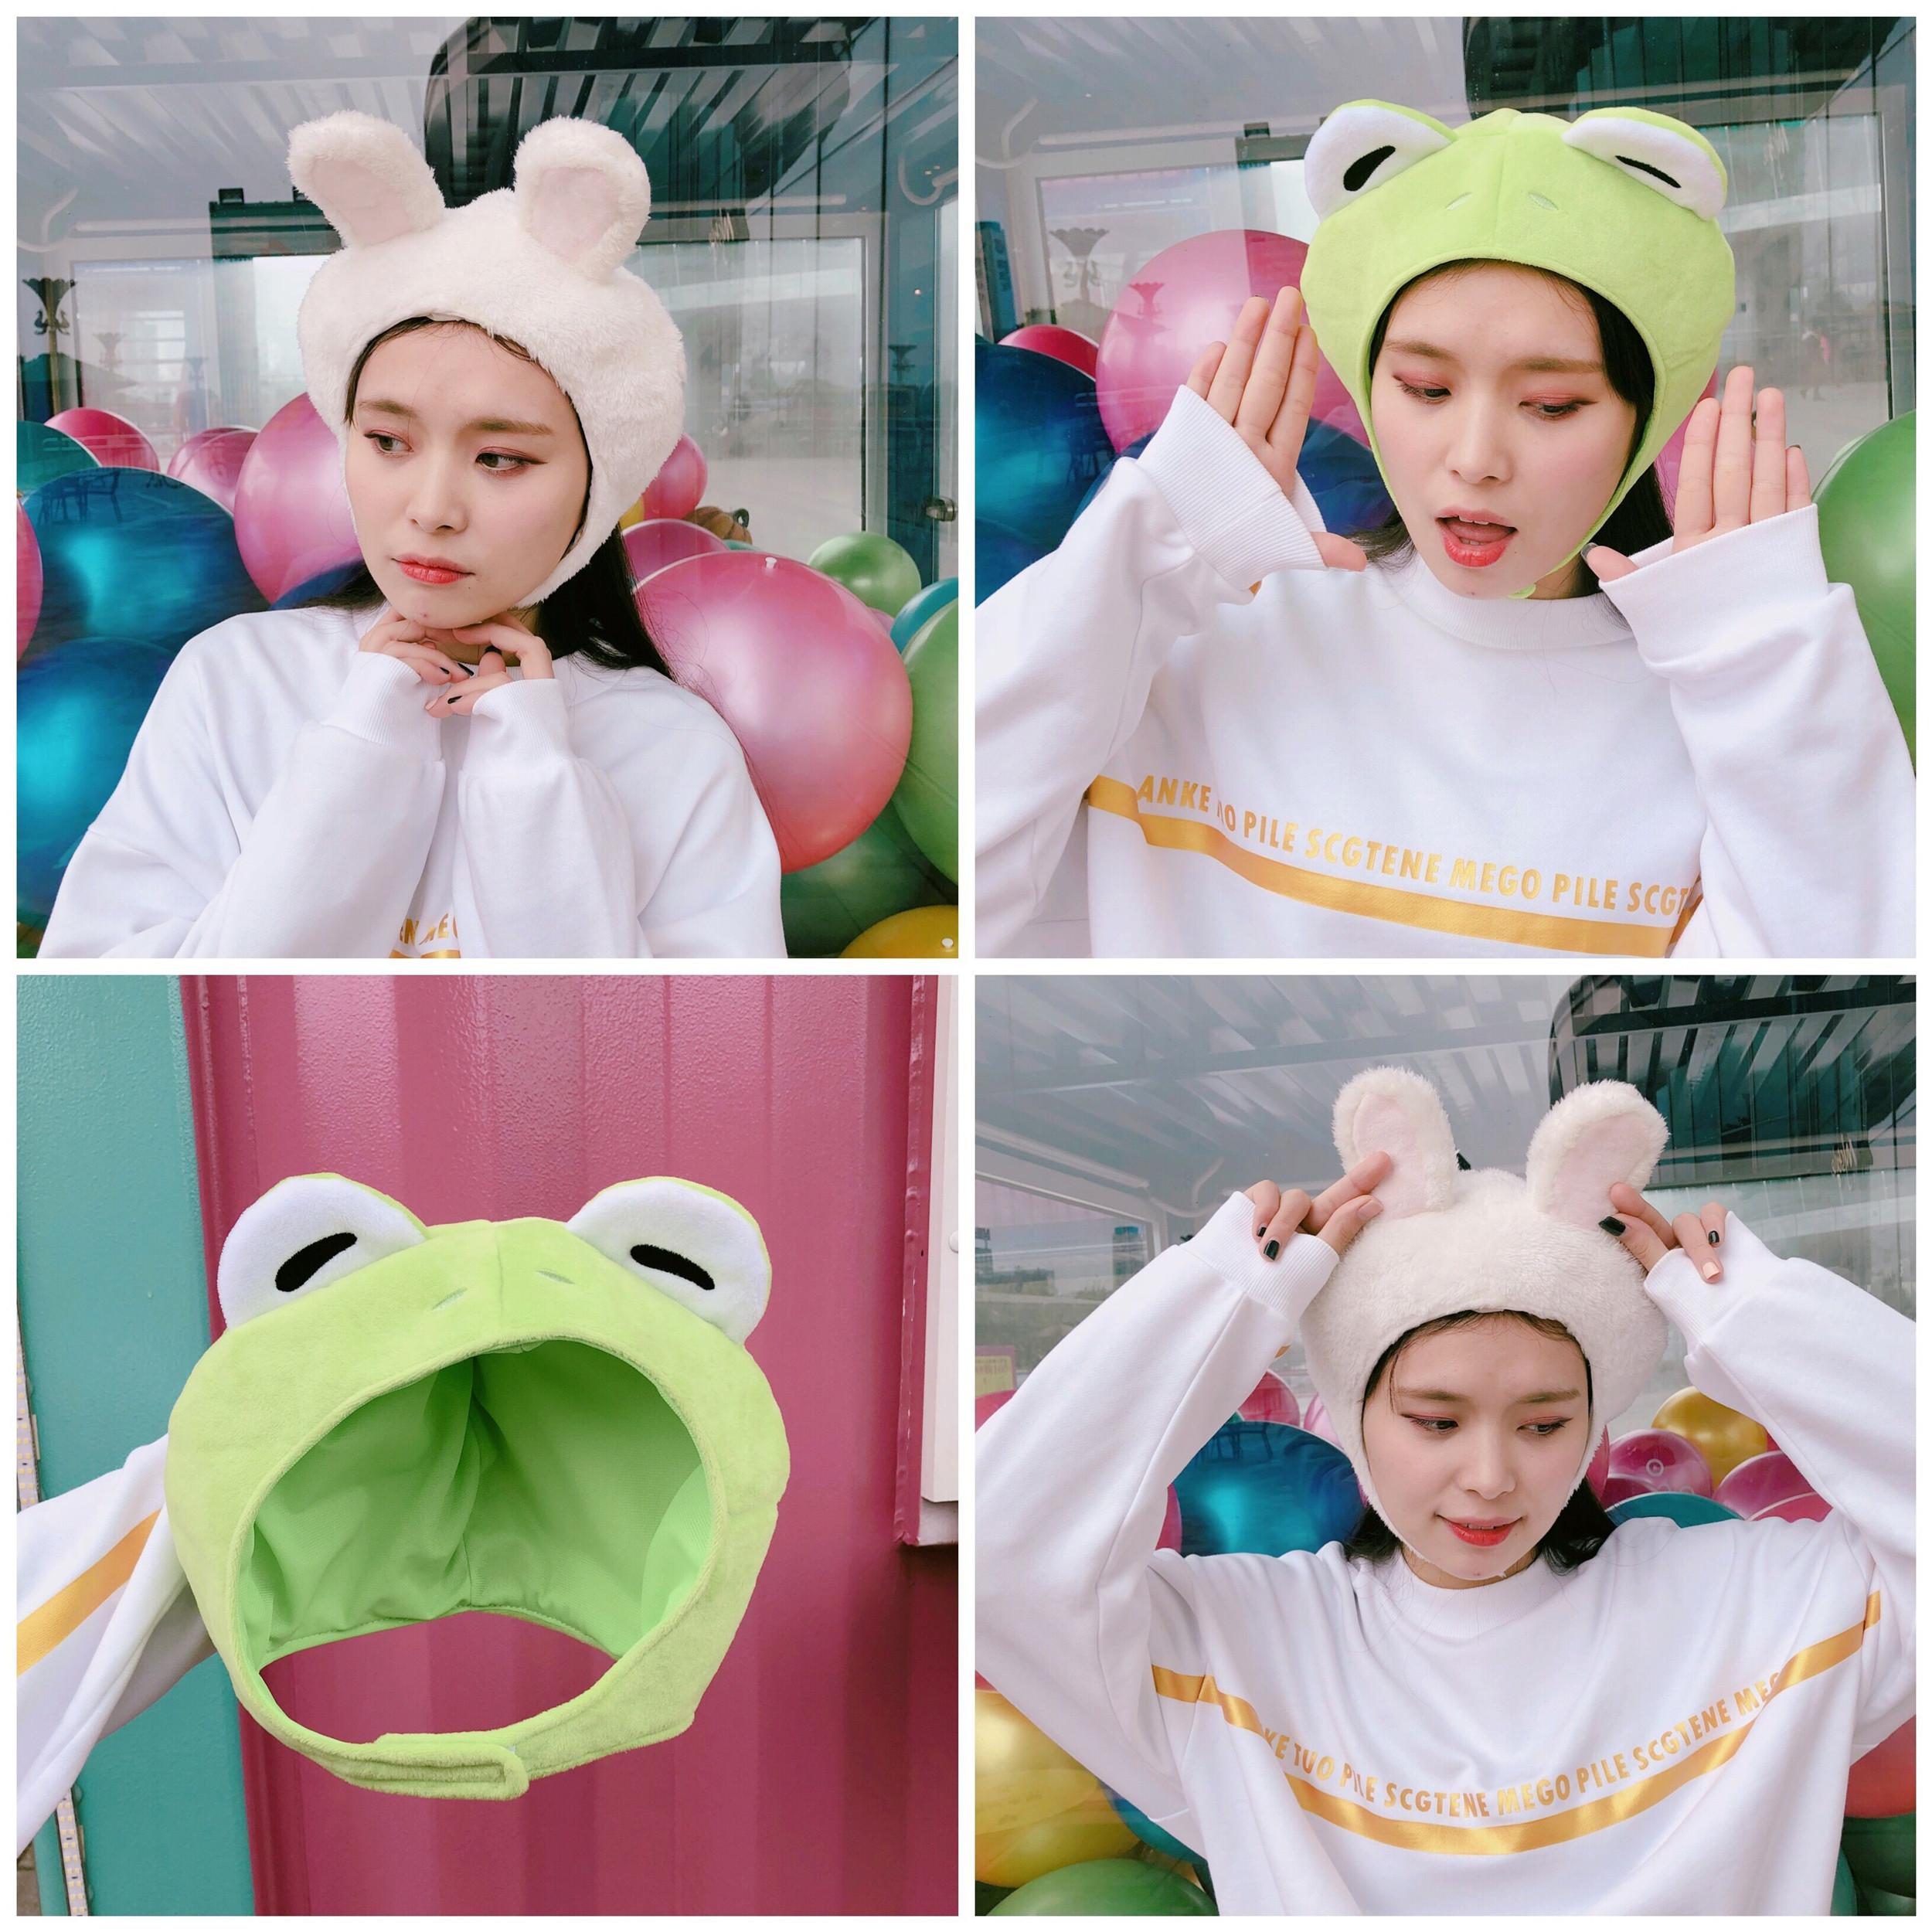 韩国少女心毛绒绒动物耳朵兔子头套帽子青蛙卡通可爱拍照道具